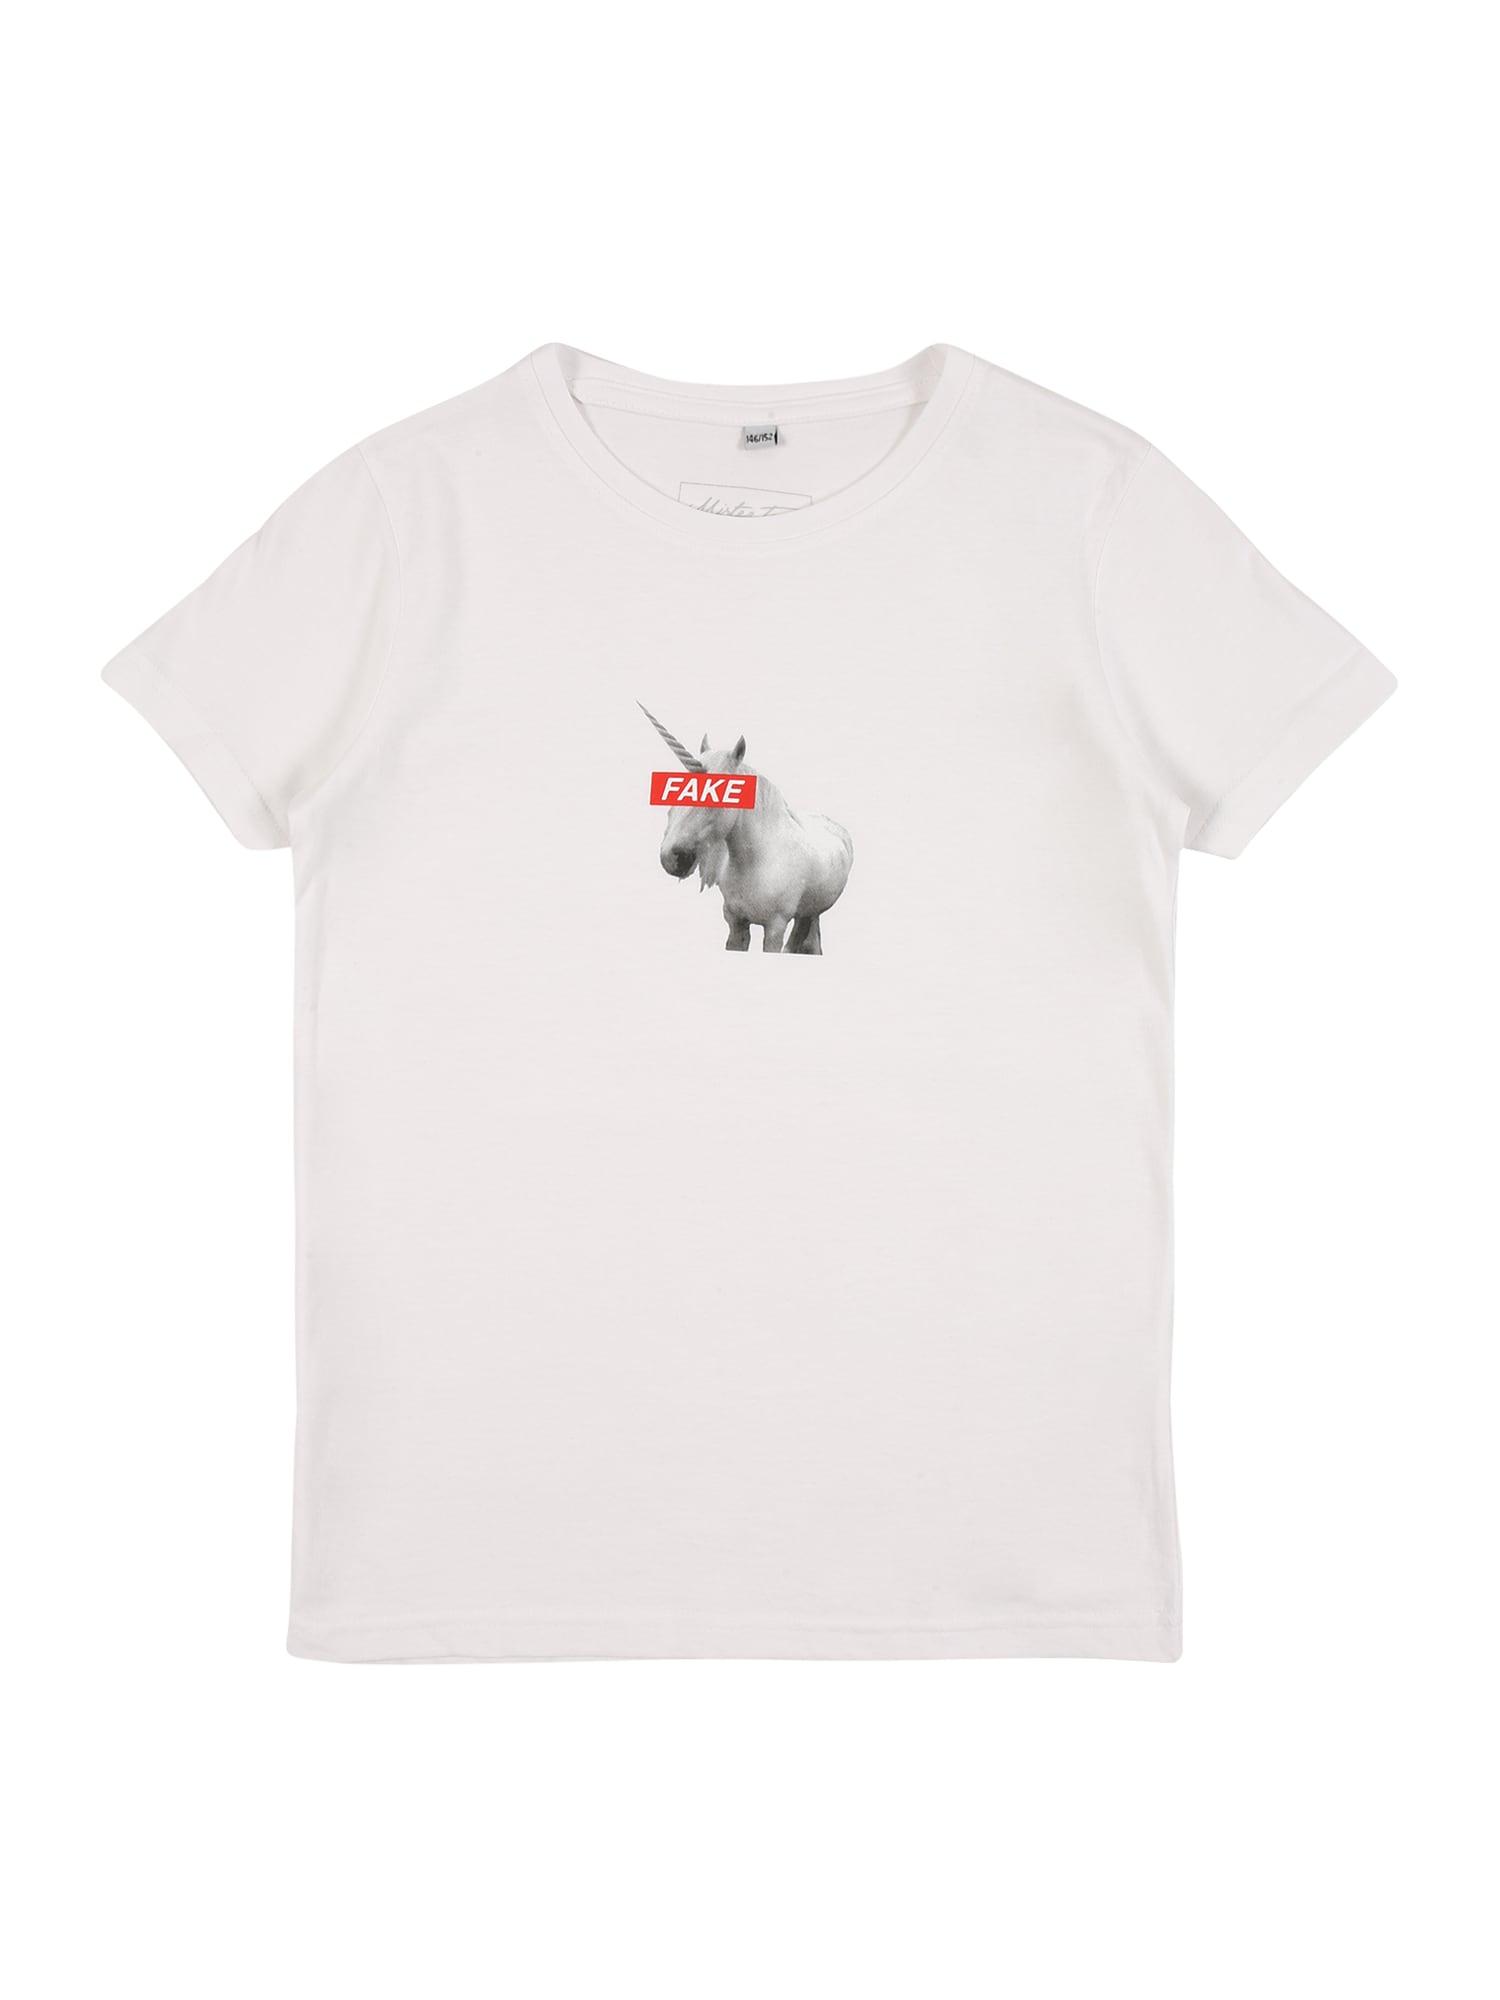 Mister Tee Tričko ' Fake Unicorn '  bílá / šedá / červená